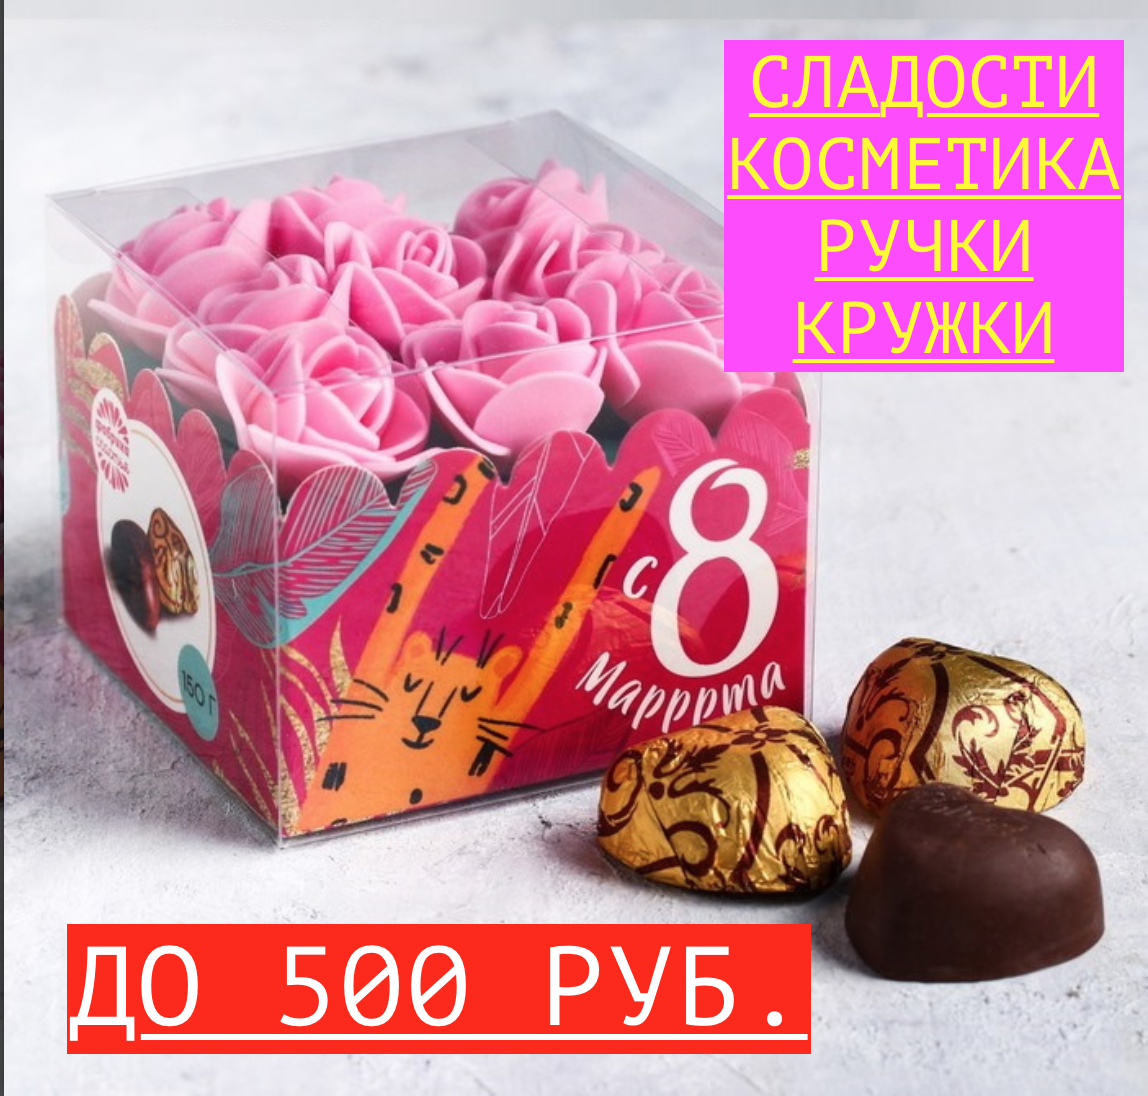 Недорогие подарки до 500 рублей на 8 марта